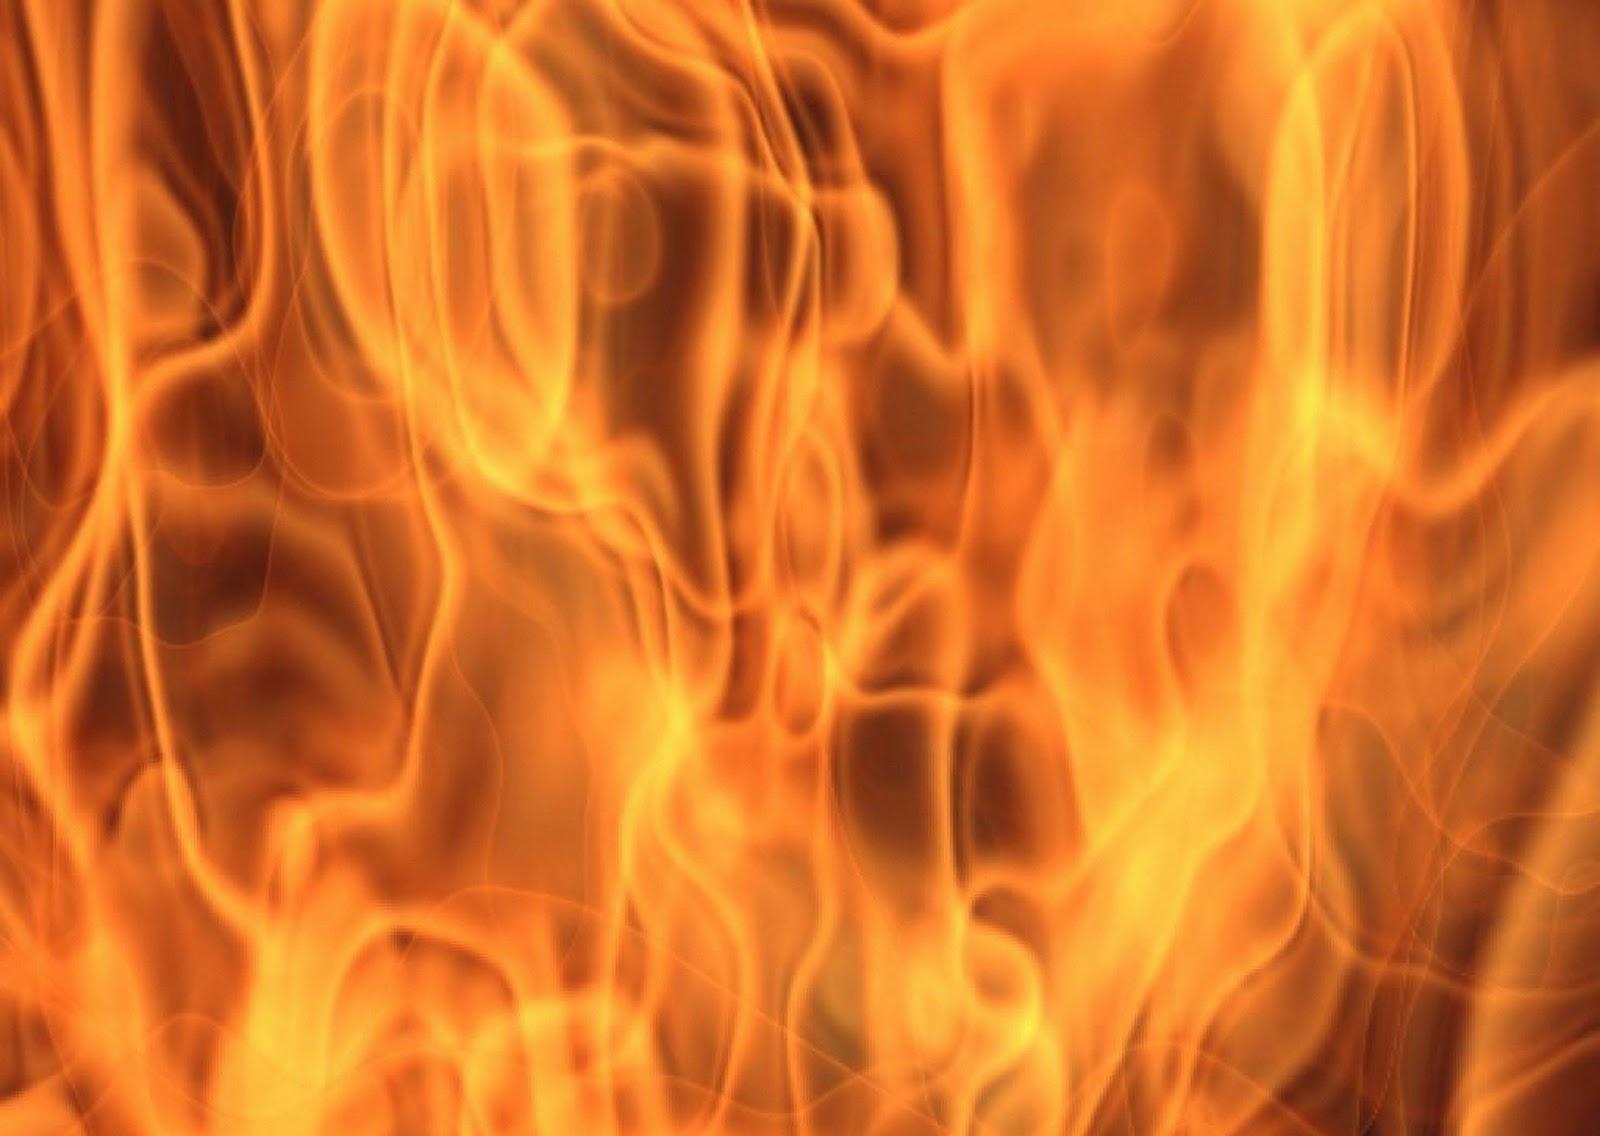 http://4.bp.blogspot.com/-pHzwlZ4fvdA/TVOOMsxWz8I/AAAAAAAAAY8/-aPHa5YTkew/s1600/fire-wallpaper-number%2B%2525281%252529.jpg